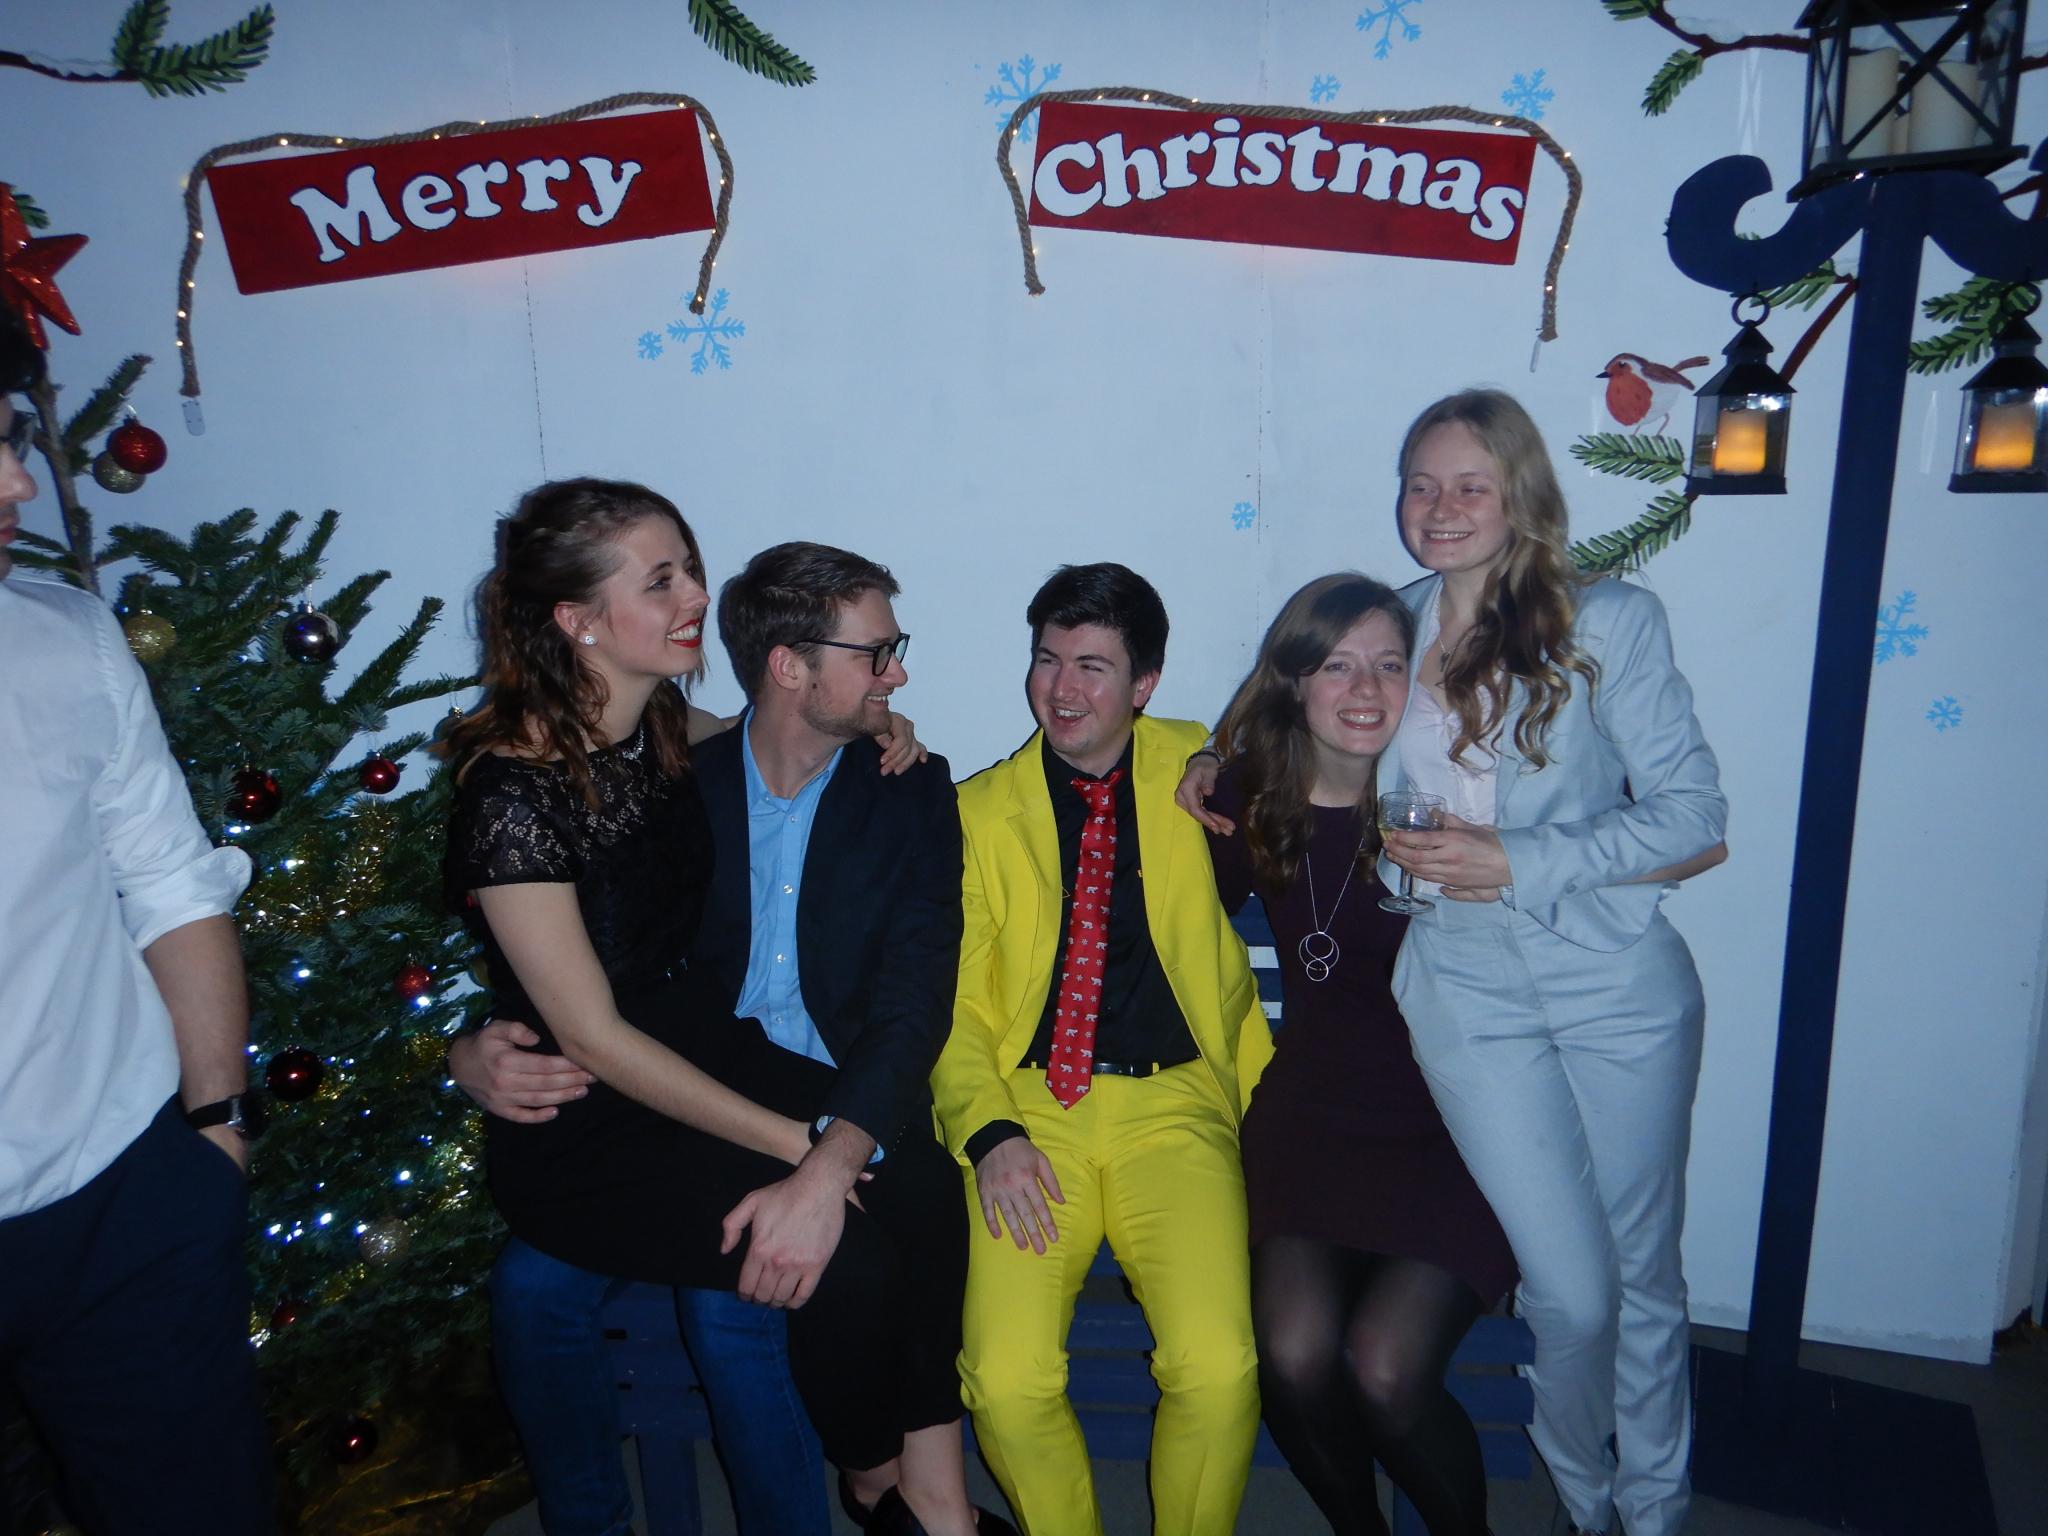 Kerstfeest_088